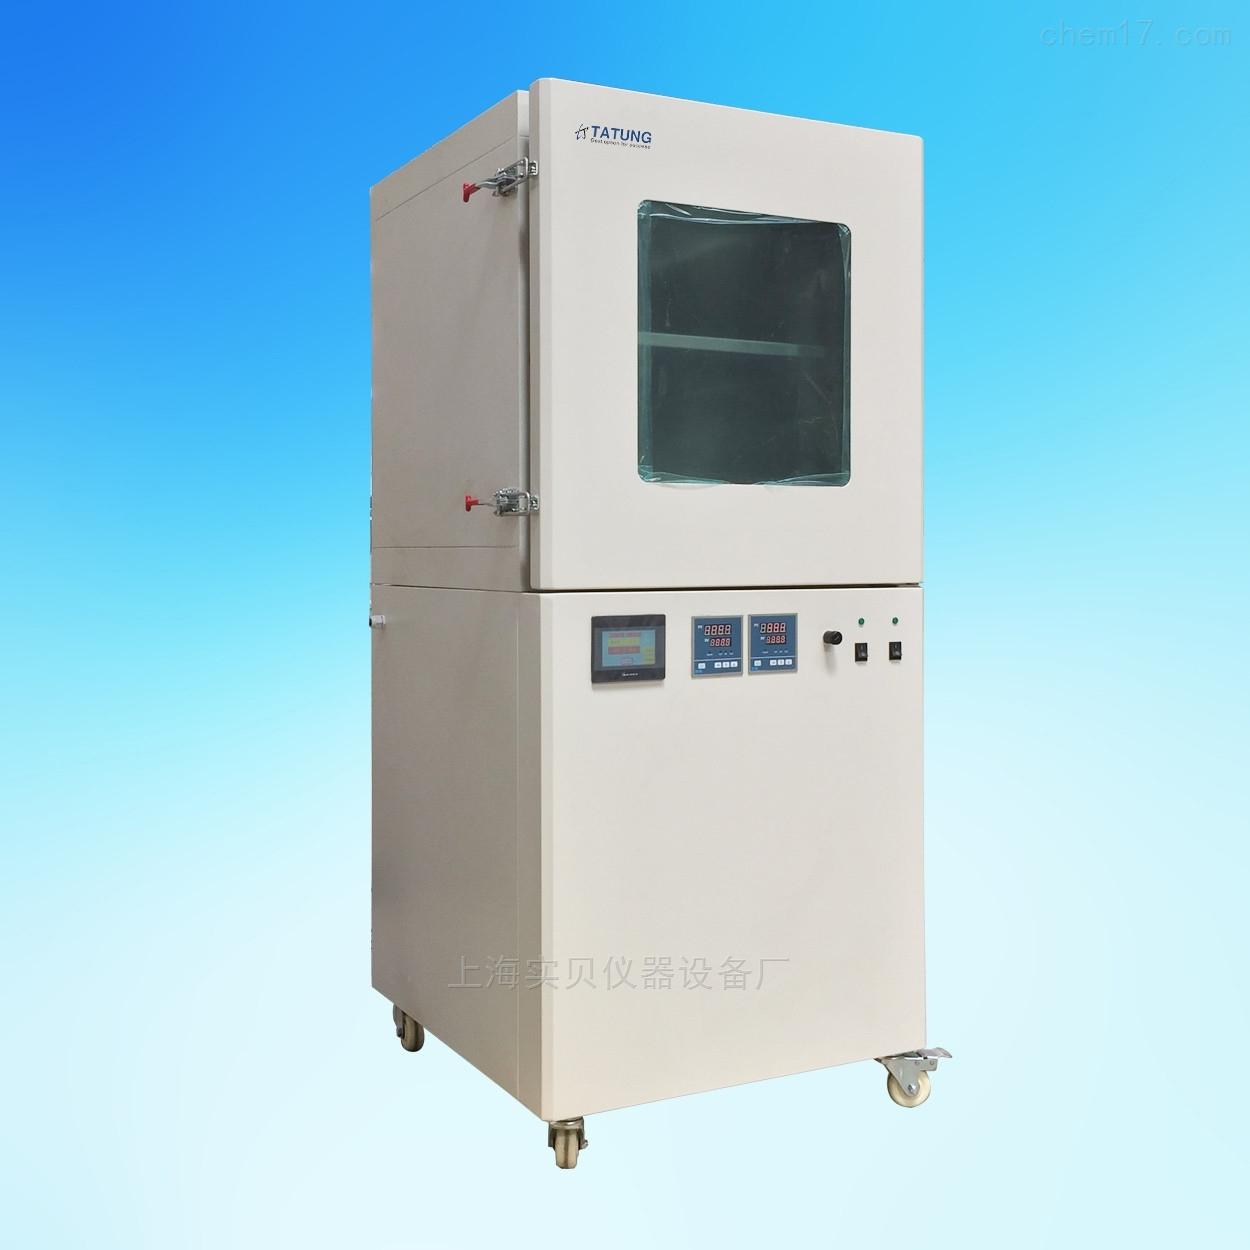 400度真空度PLC全自动真空干燥箱烘箱